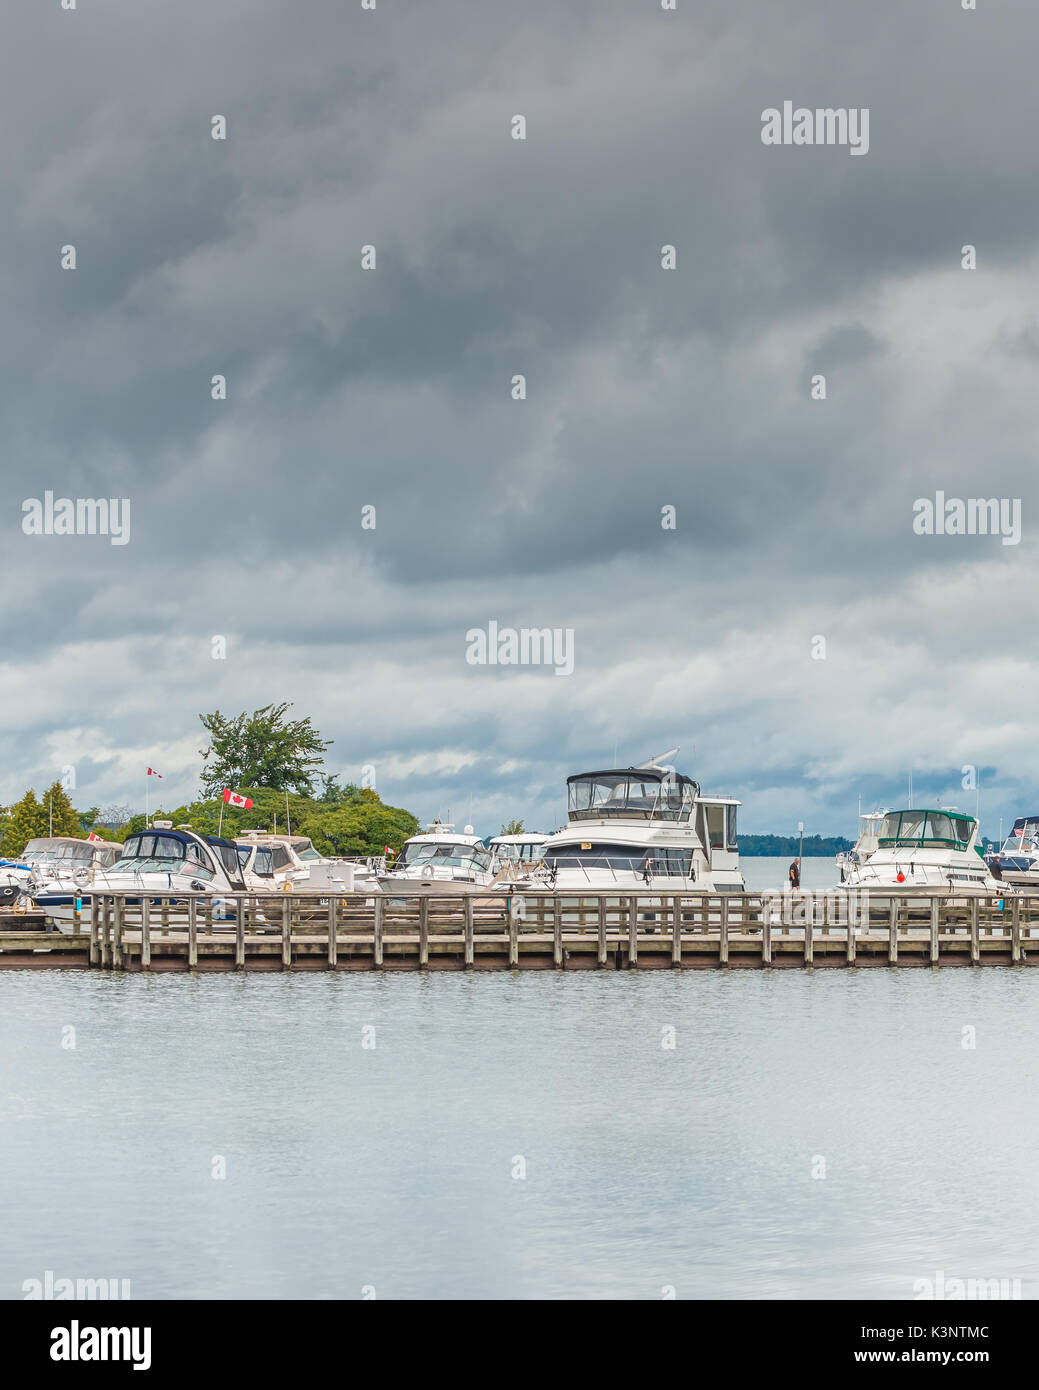 Sportboote sicher angedockt am Hafen von Orillia Ontario Kanada als Spätsommer Stürme durch Rollen. Stockfoto